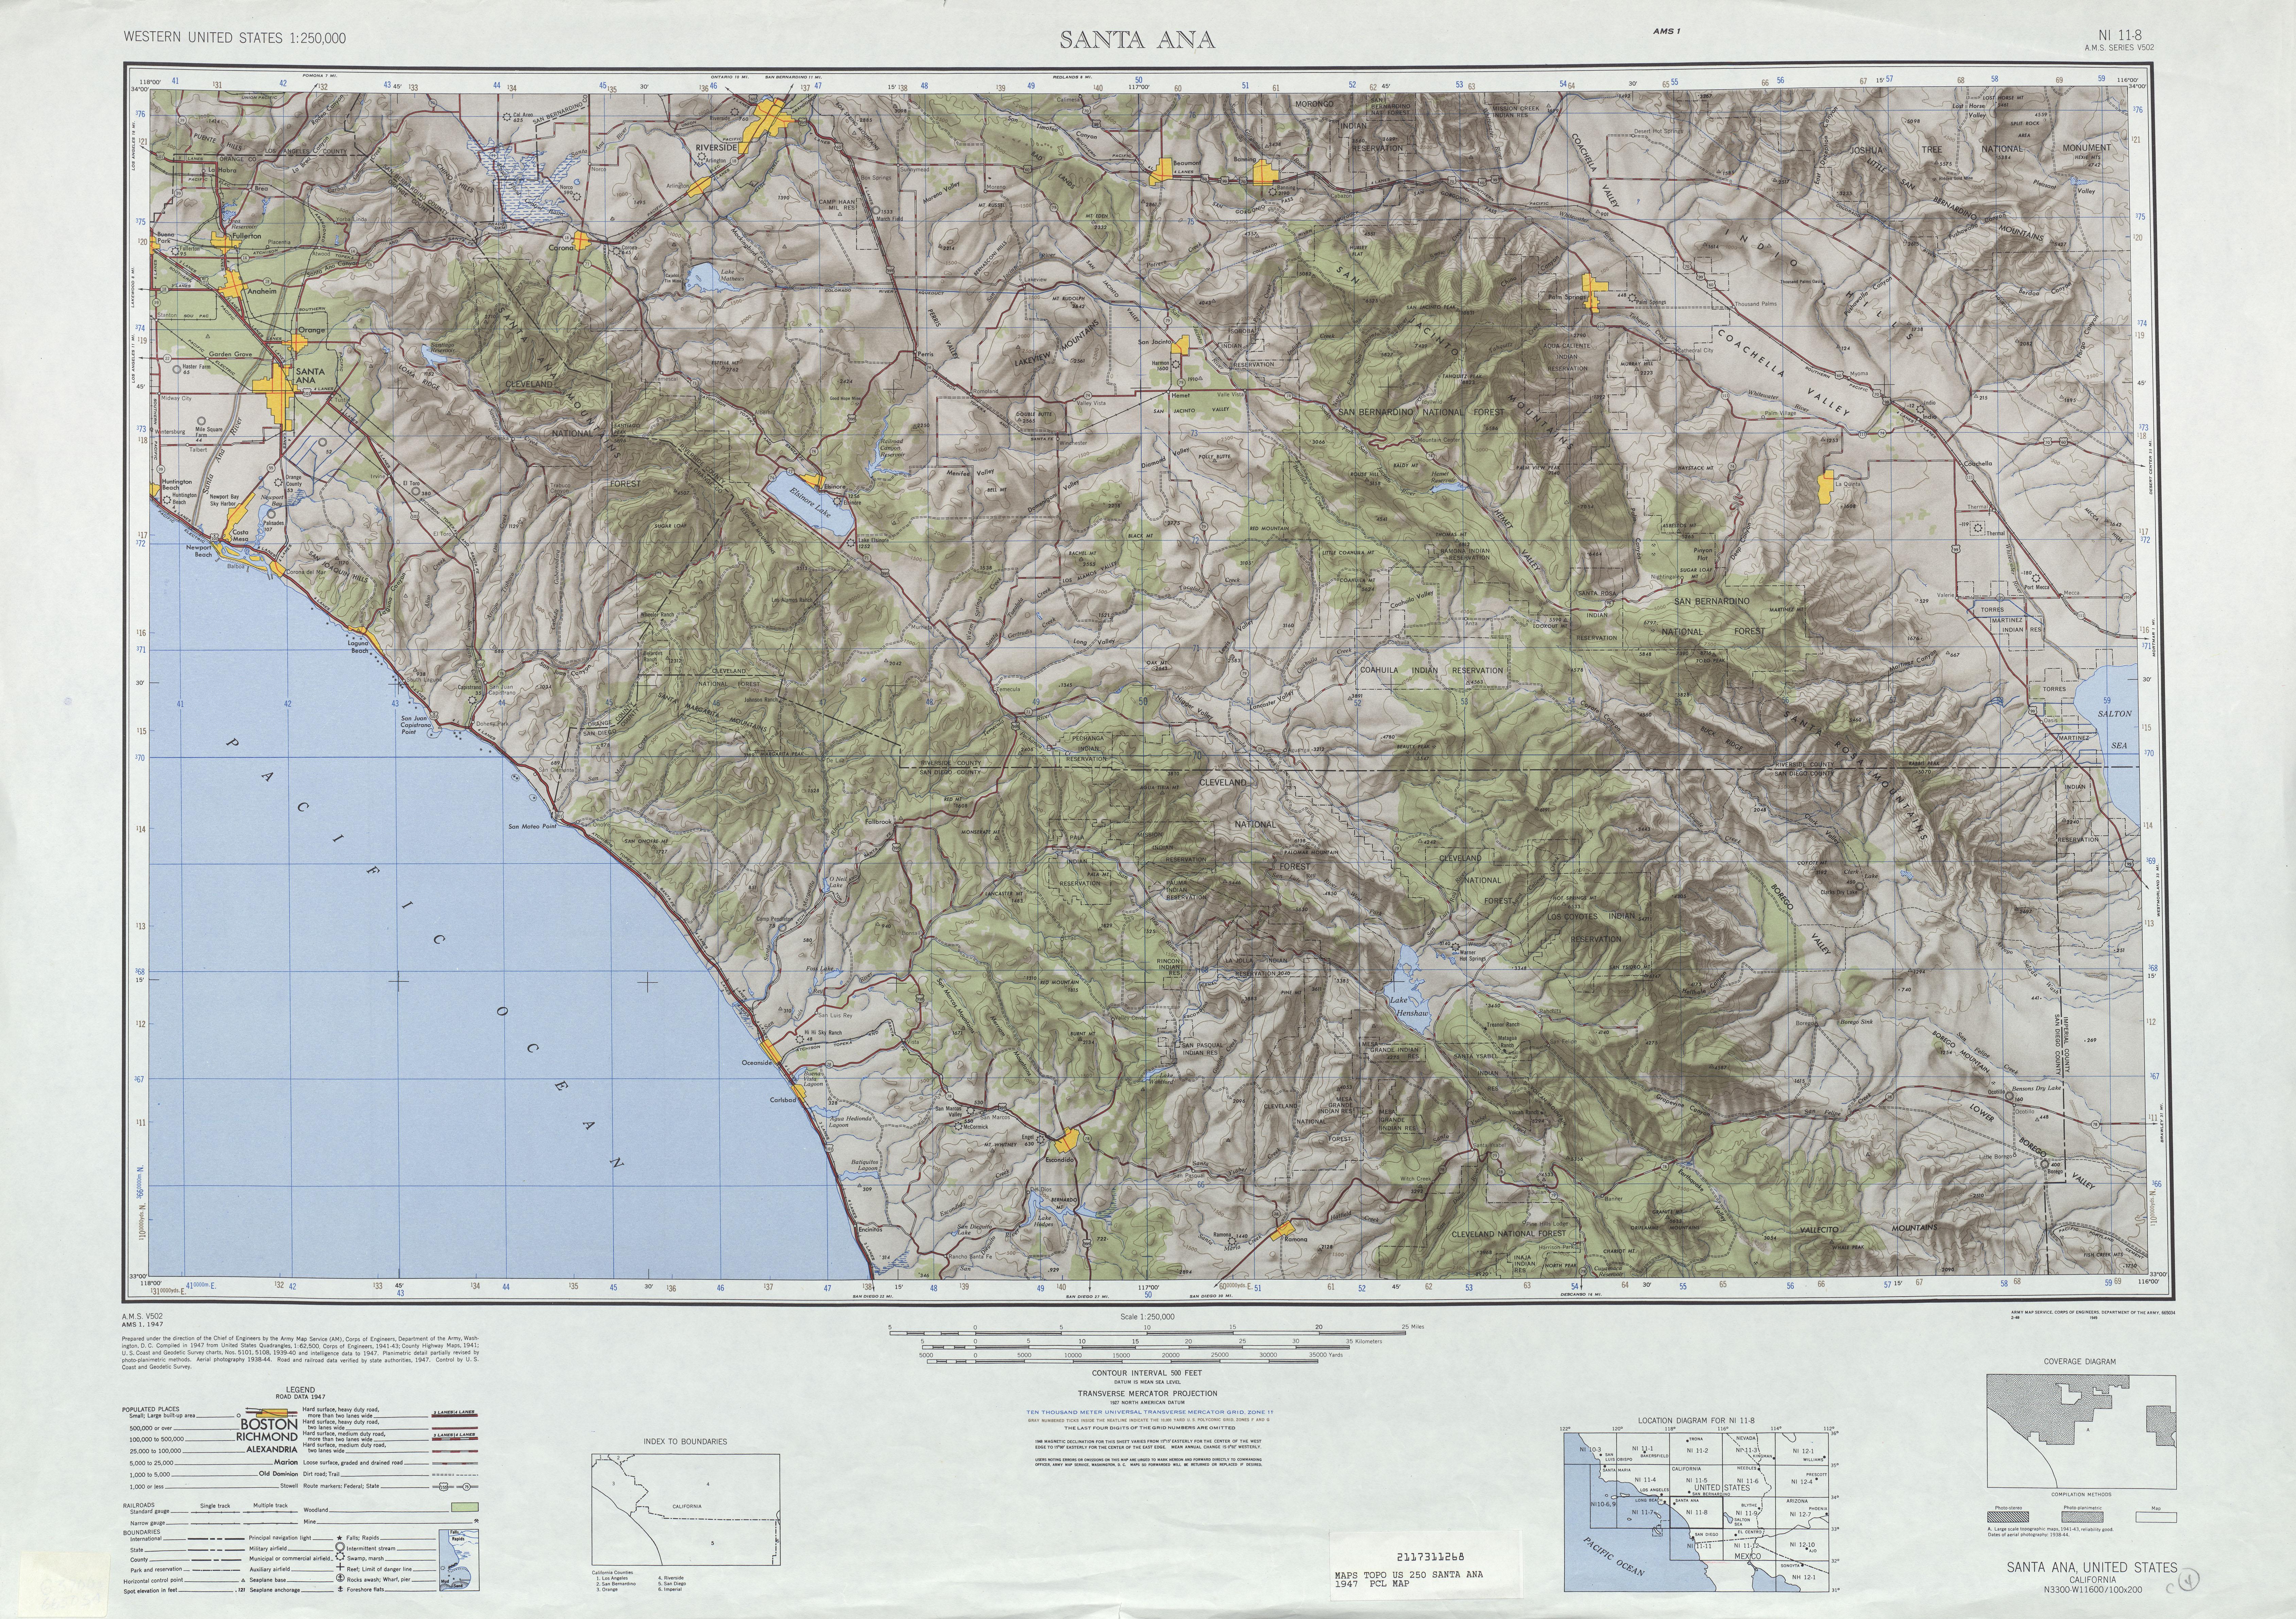 Hoja Santa Ana  del Mapa Topográfico de los Estados Unidos 1947